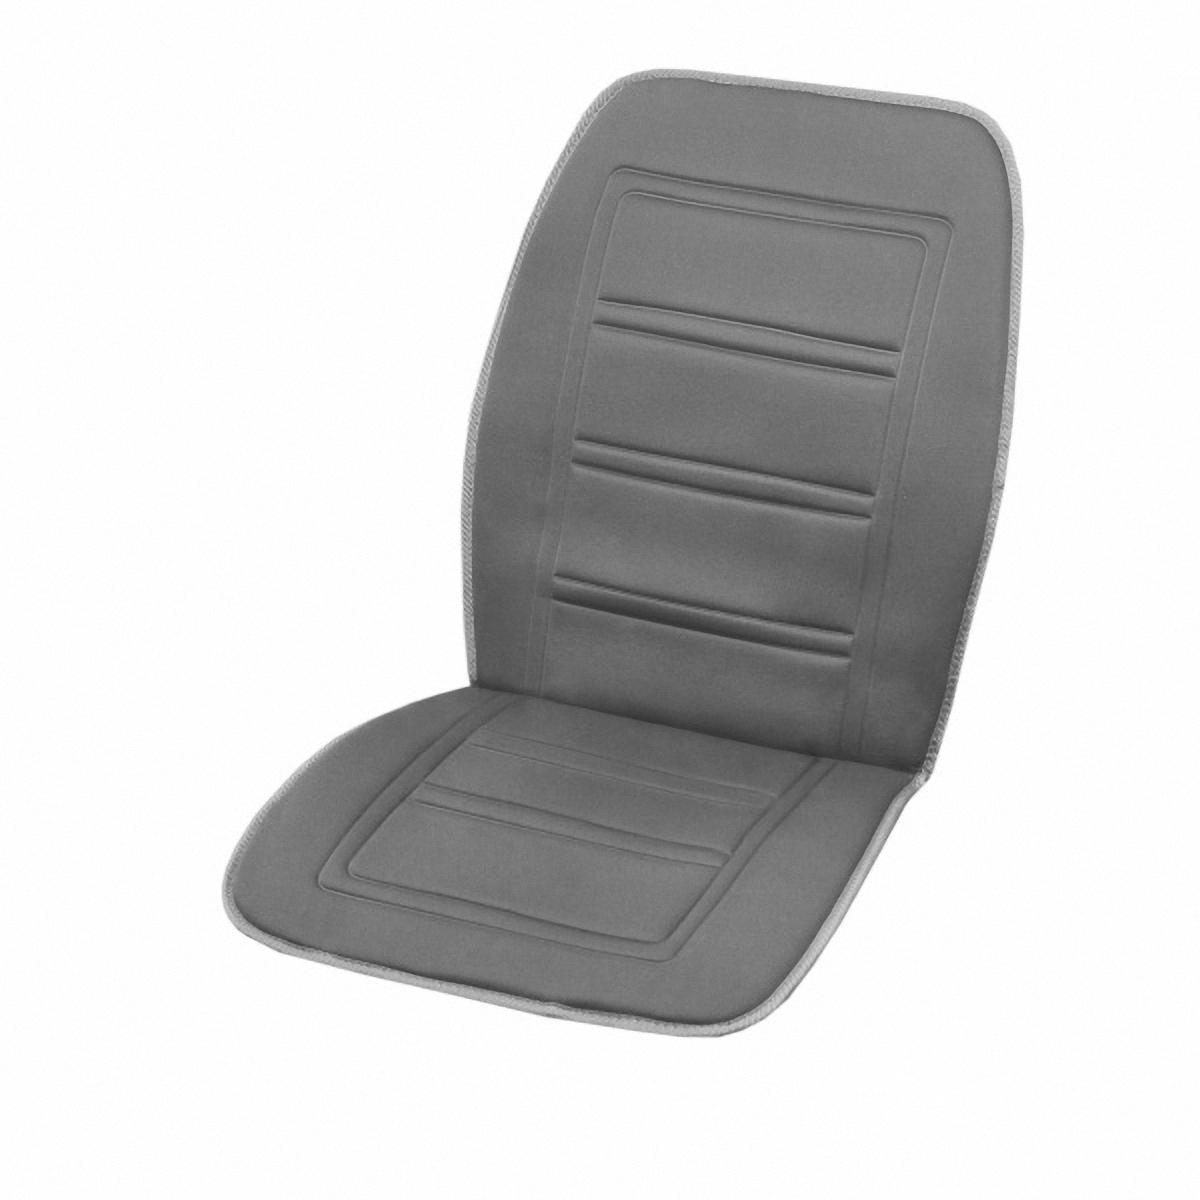 Чехол автомобильный Skyway, с подогревом, цвет: серый, 95 х 47 смS02201009Чехол на сиденье Skyway предназначен для обогрева водителя или пассажира в автомобиле. Особенности: Универсальный размер. Снижает усталость при управлении автомобилем. Обеспечивает комфортное вождение в холодное время года. Простая и быстрая установка. Умеренный и интенсивный режим нагрева. Терморегулятор для изменения интенсивности нагрева. Защита крепления шнура питания к подогреву. Питание от гнезда прикуривателя 12В. Размер: 95 х 47 см.